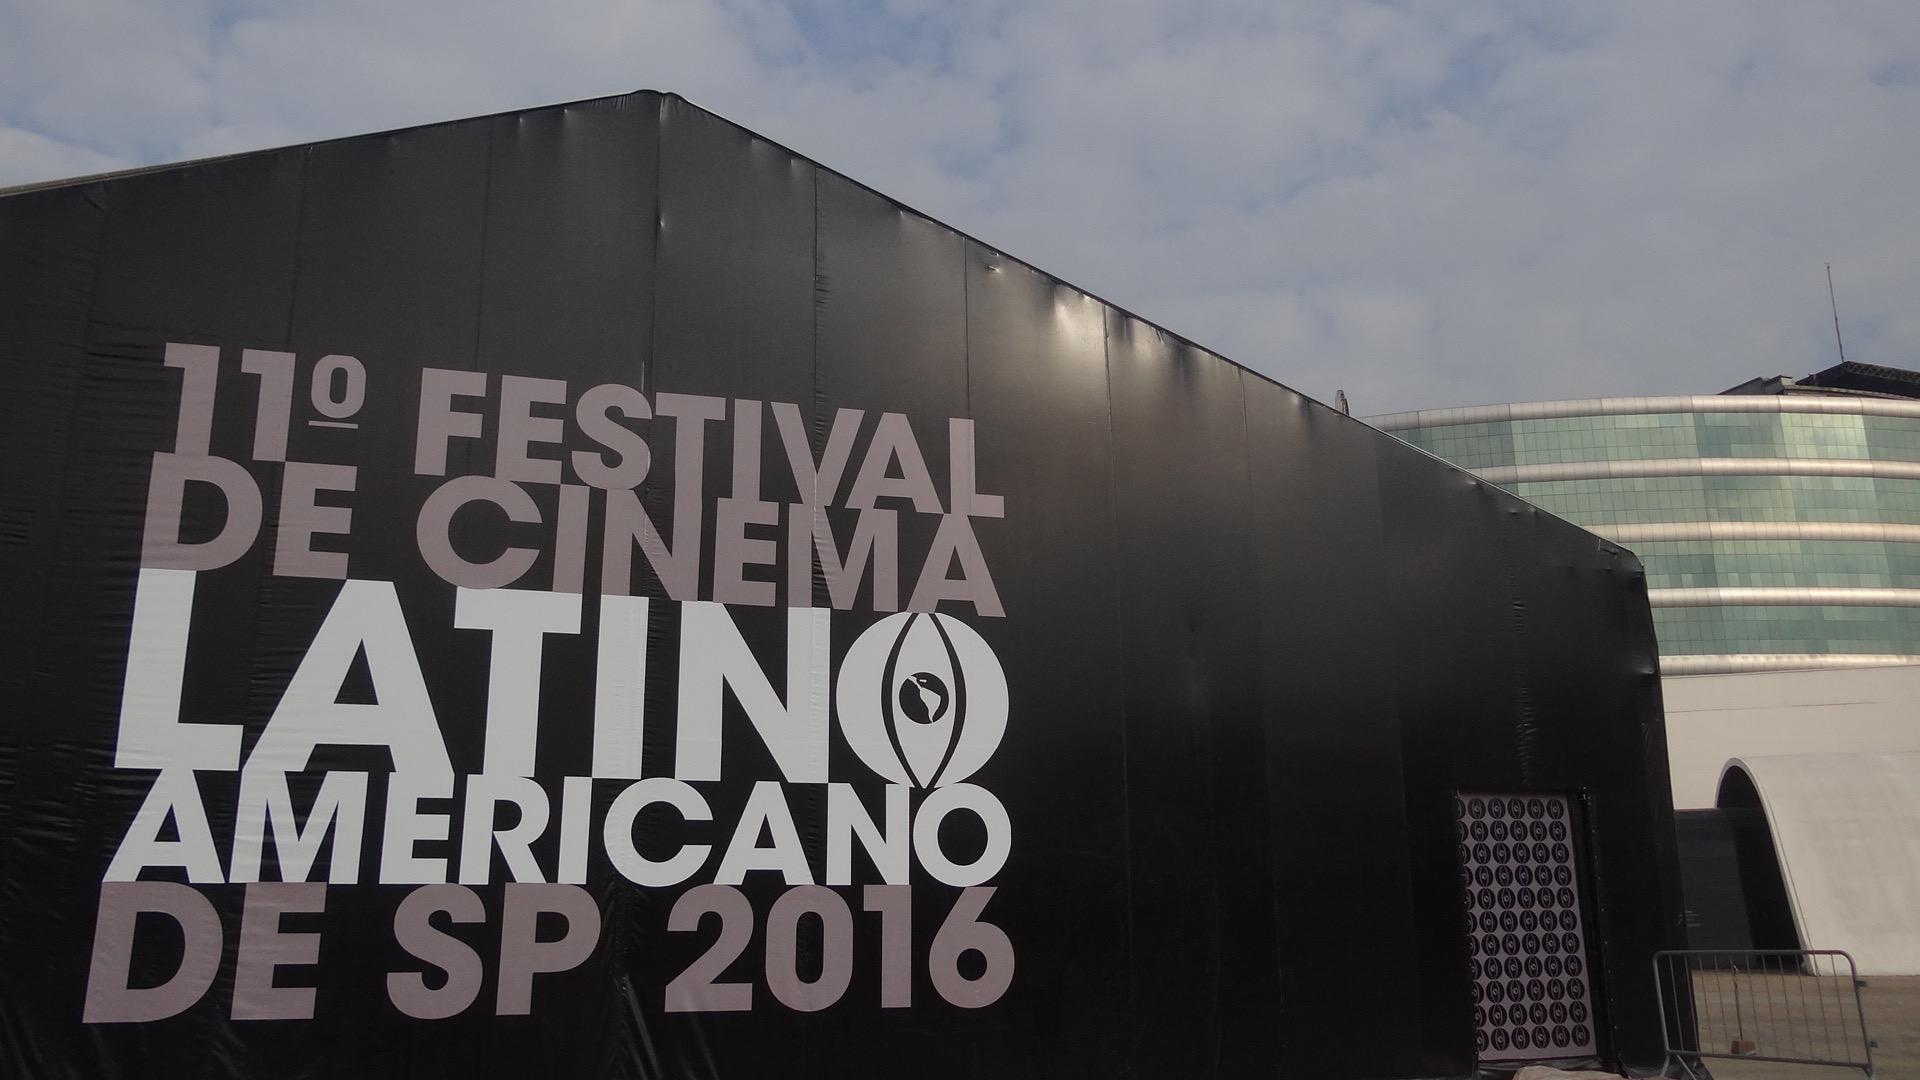 Circuito Sp Cine : Não deixe de ir no 11º festival de cinema latino americano u2013 fala!